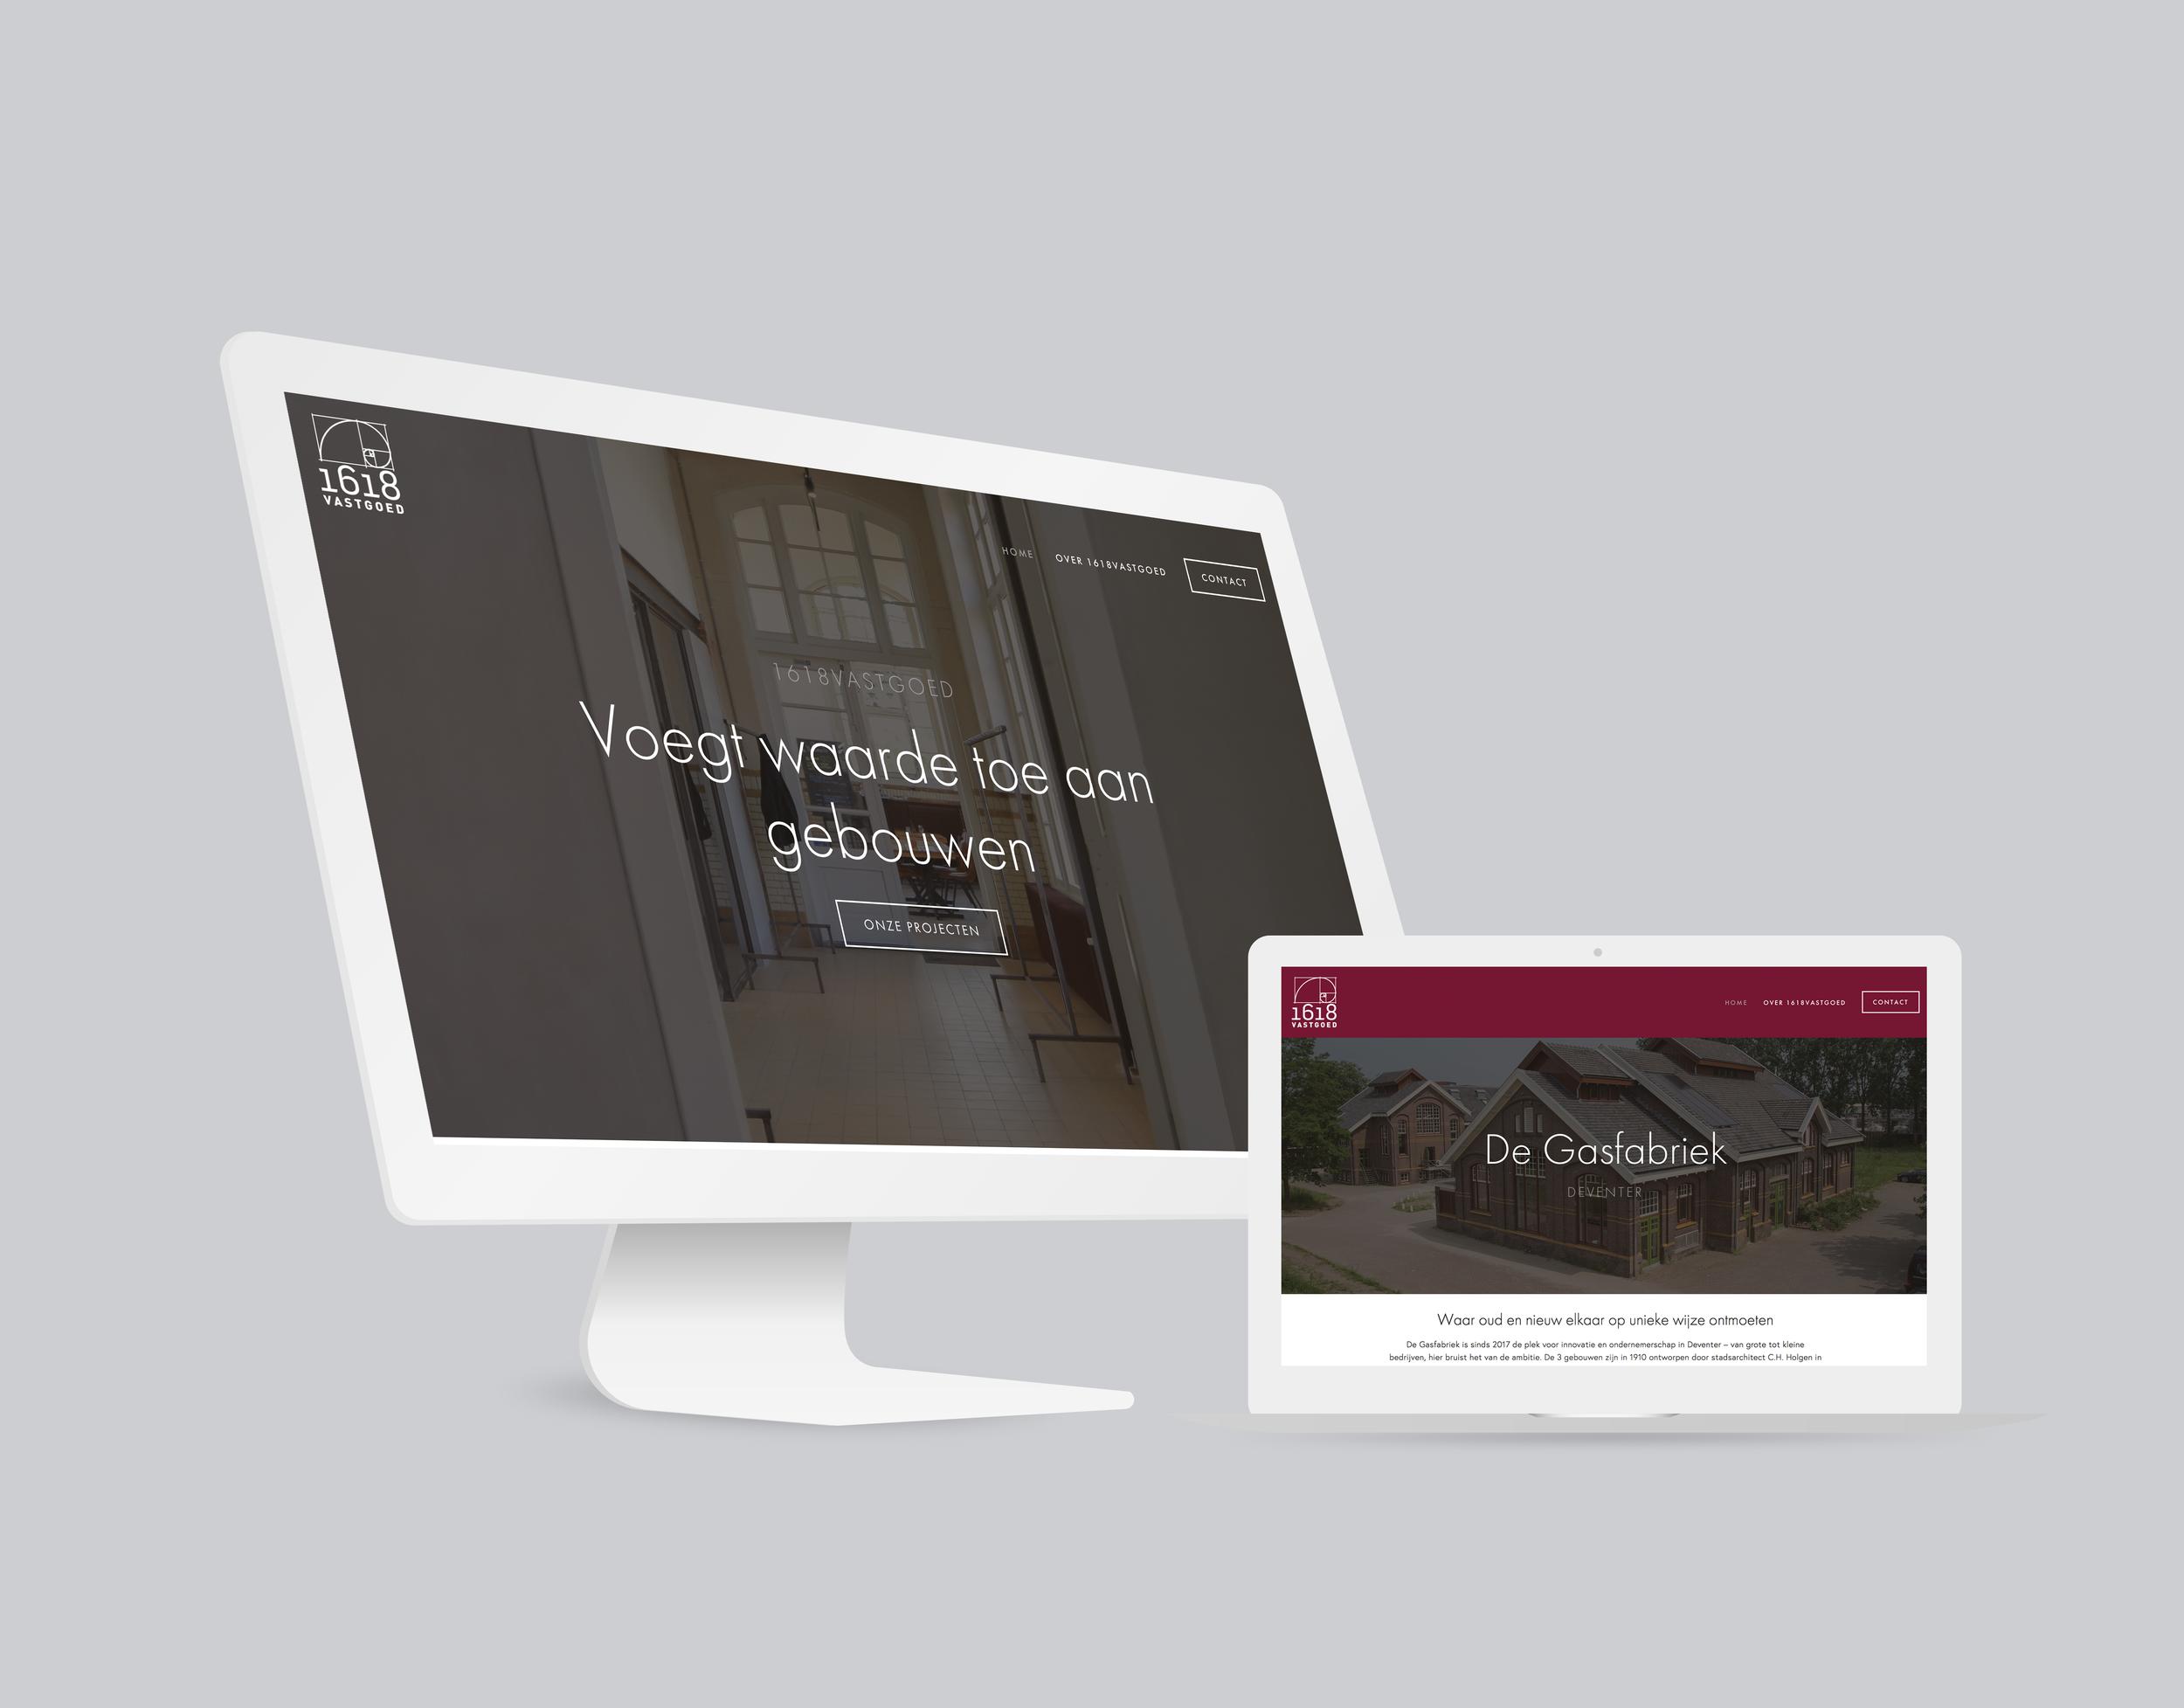 1618Vastgoed    Van 1618Vastgoed kreeg ik de opdracht om hun gedateerde website nieuw leven in te blazen. Zo gezegd, zo gedaan – er staat nu een website die volgens de klant het perfecte visitekaartje vormt. Naast het webdesign ben ik ook verantwoordelijk voor alle webteksten en fotografie.